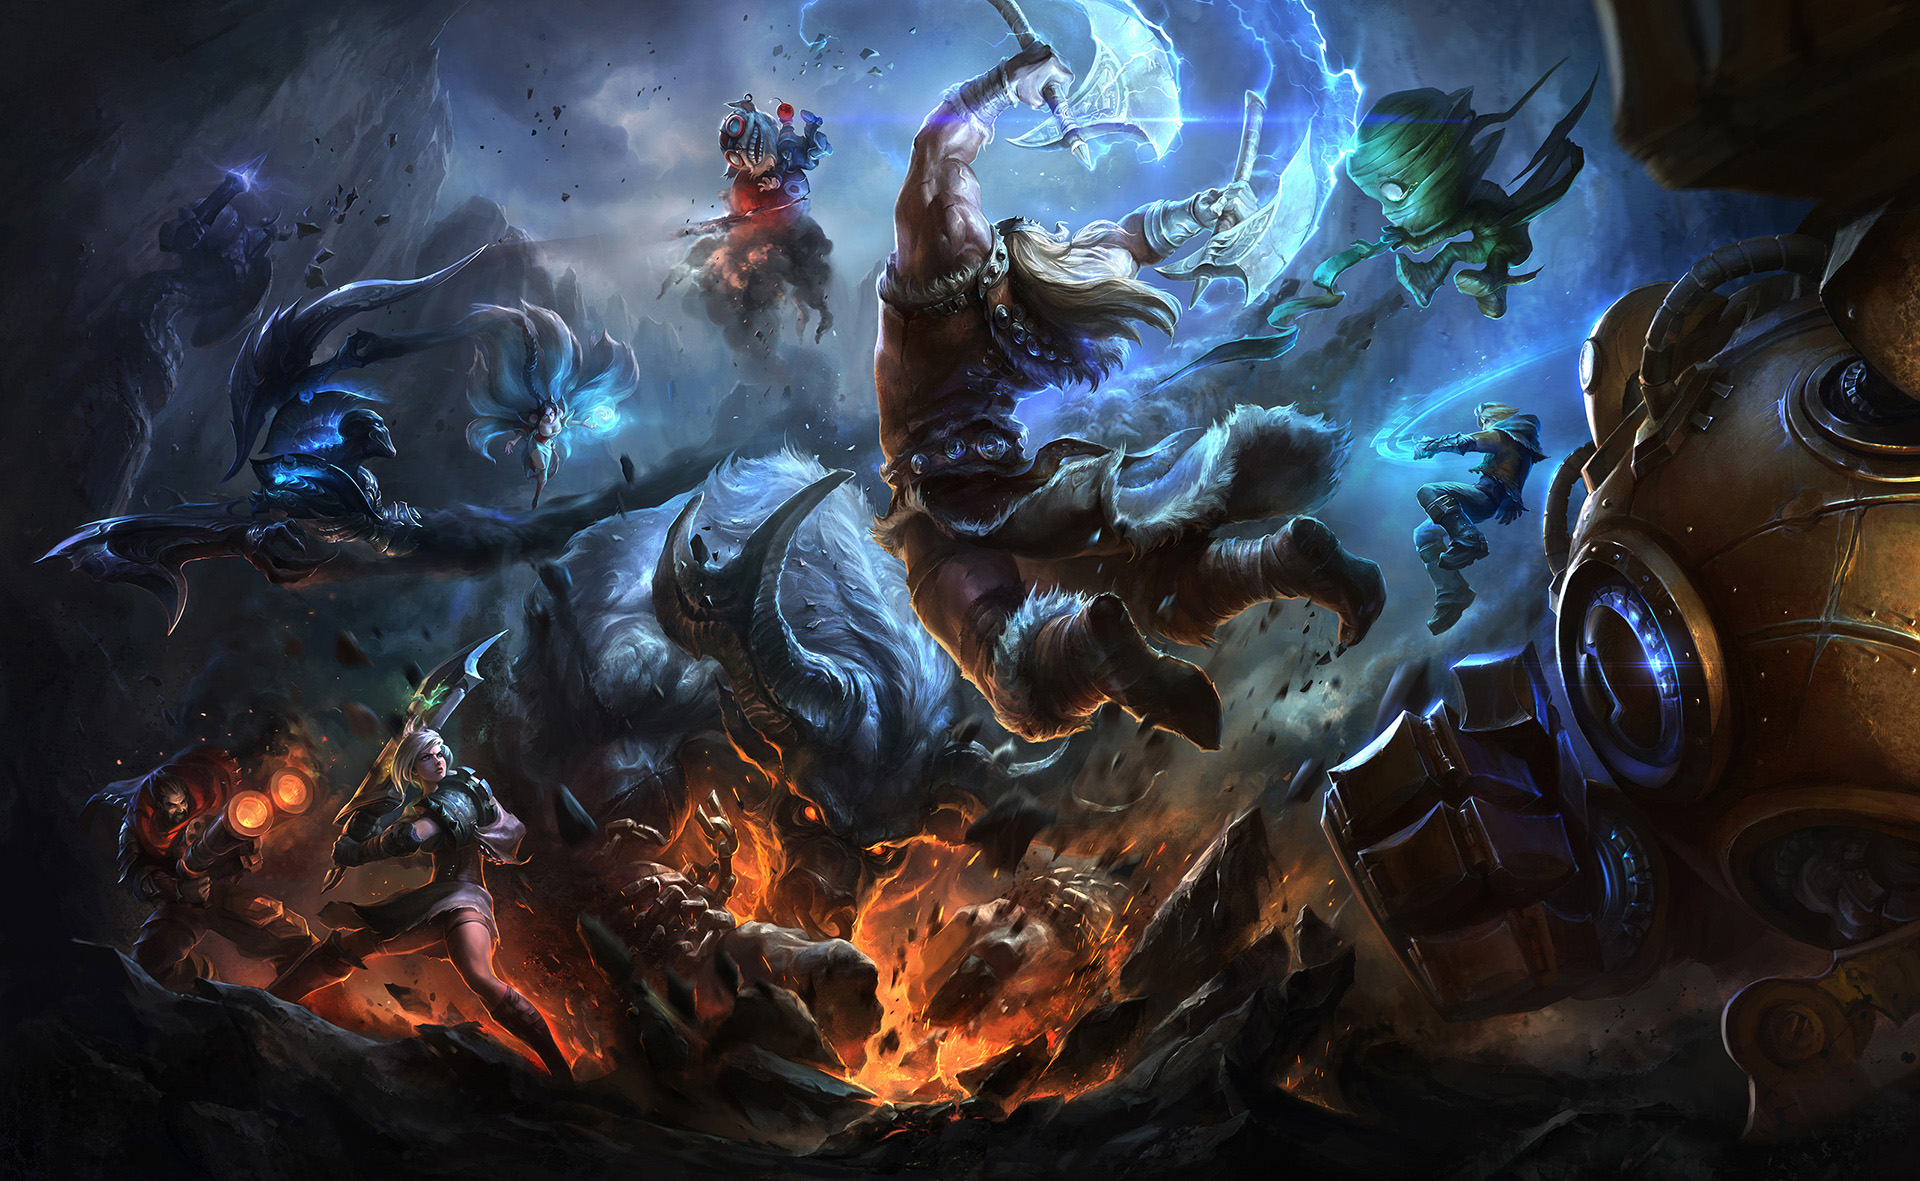 Les batailles épiques d'heroic fantasy de Su Ke